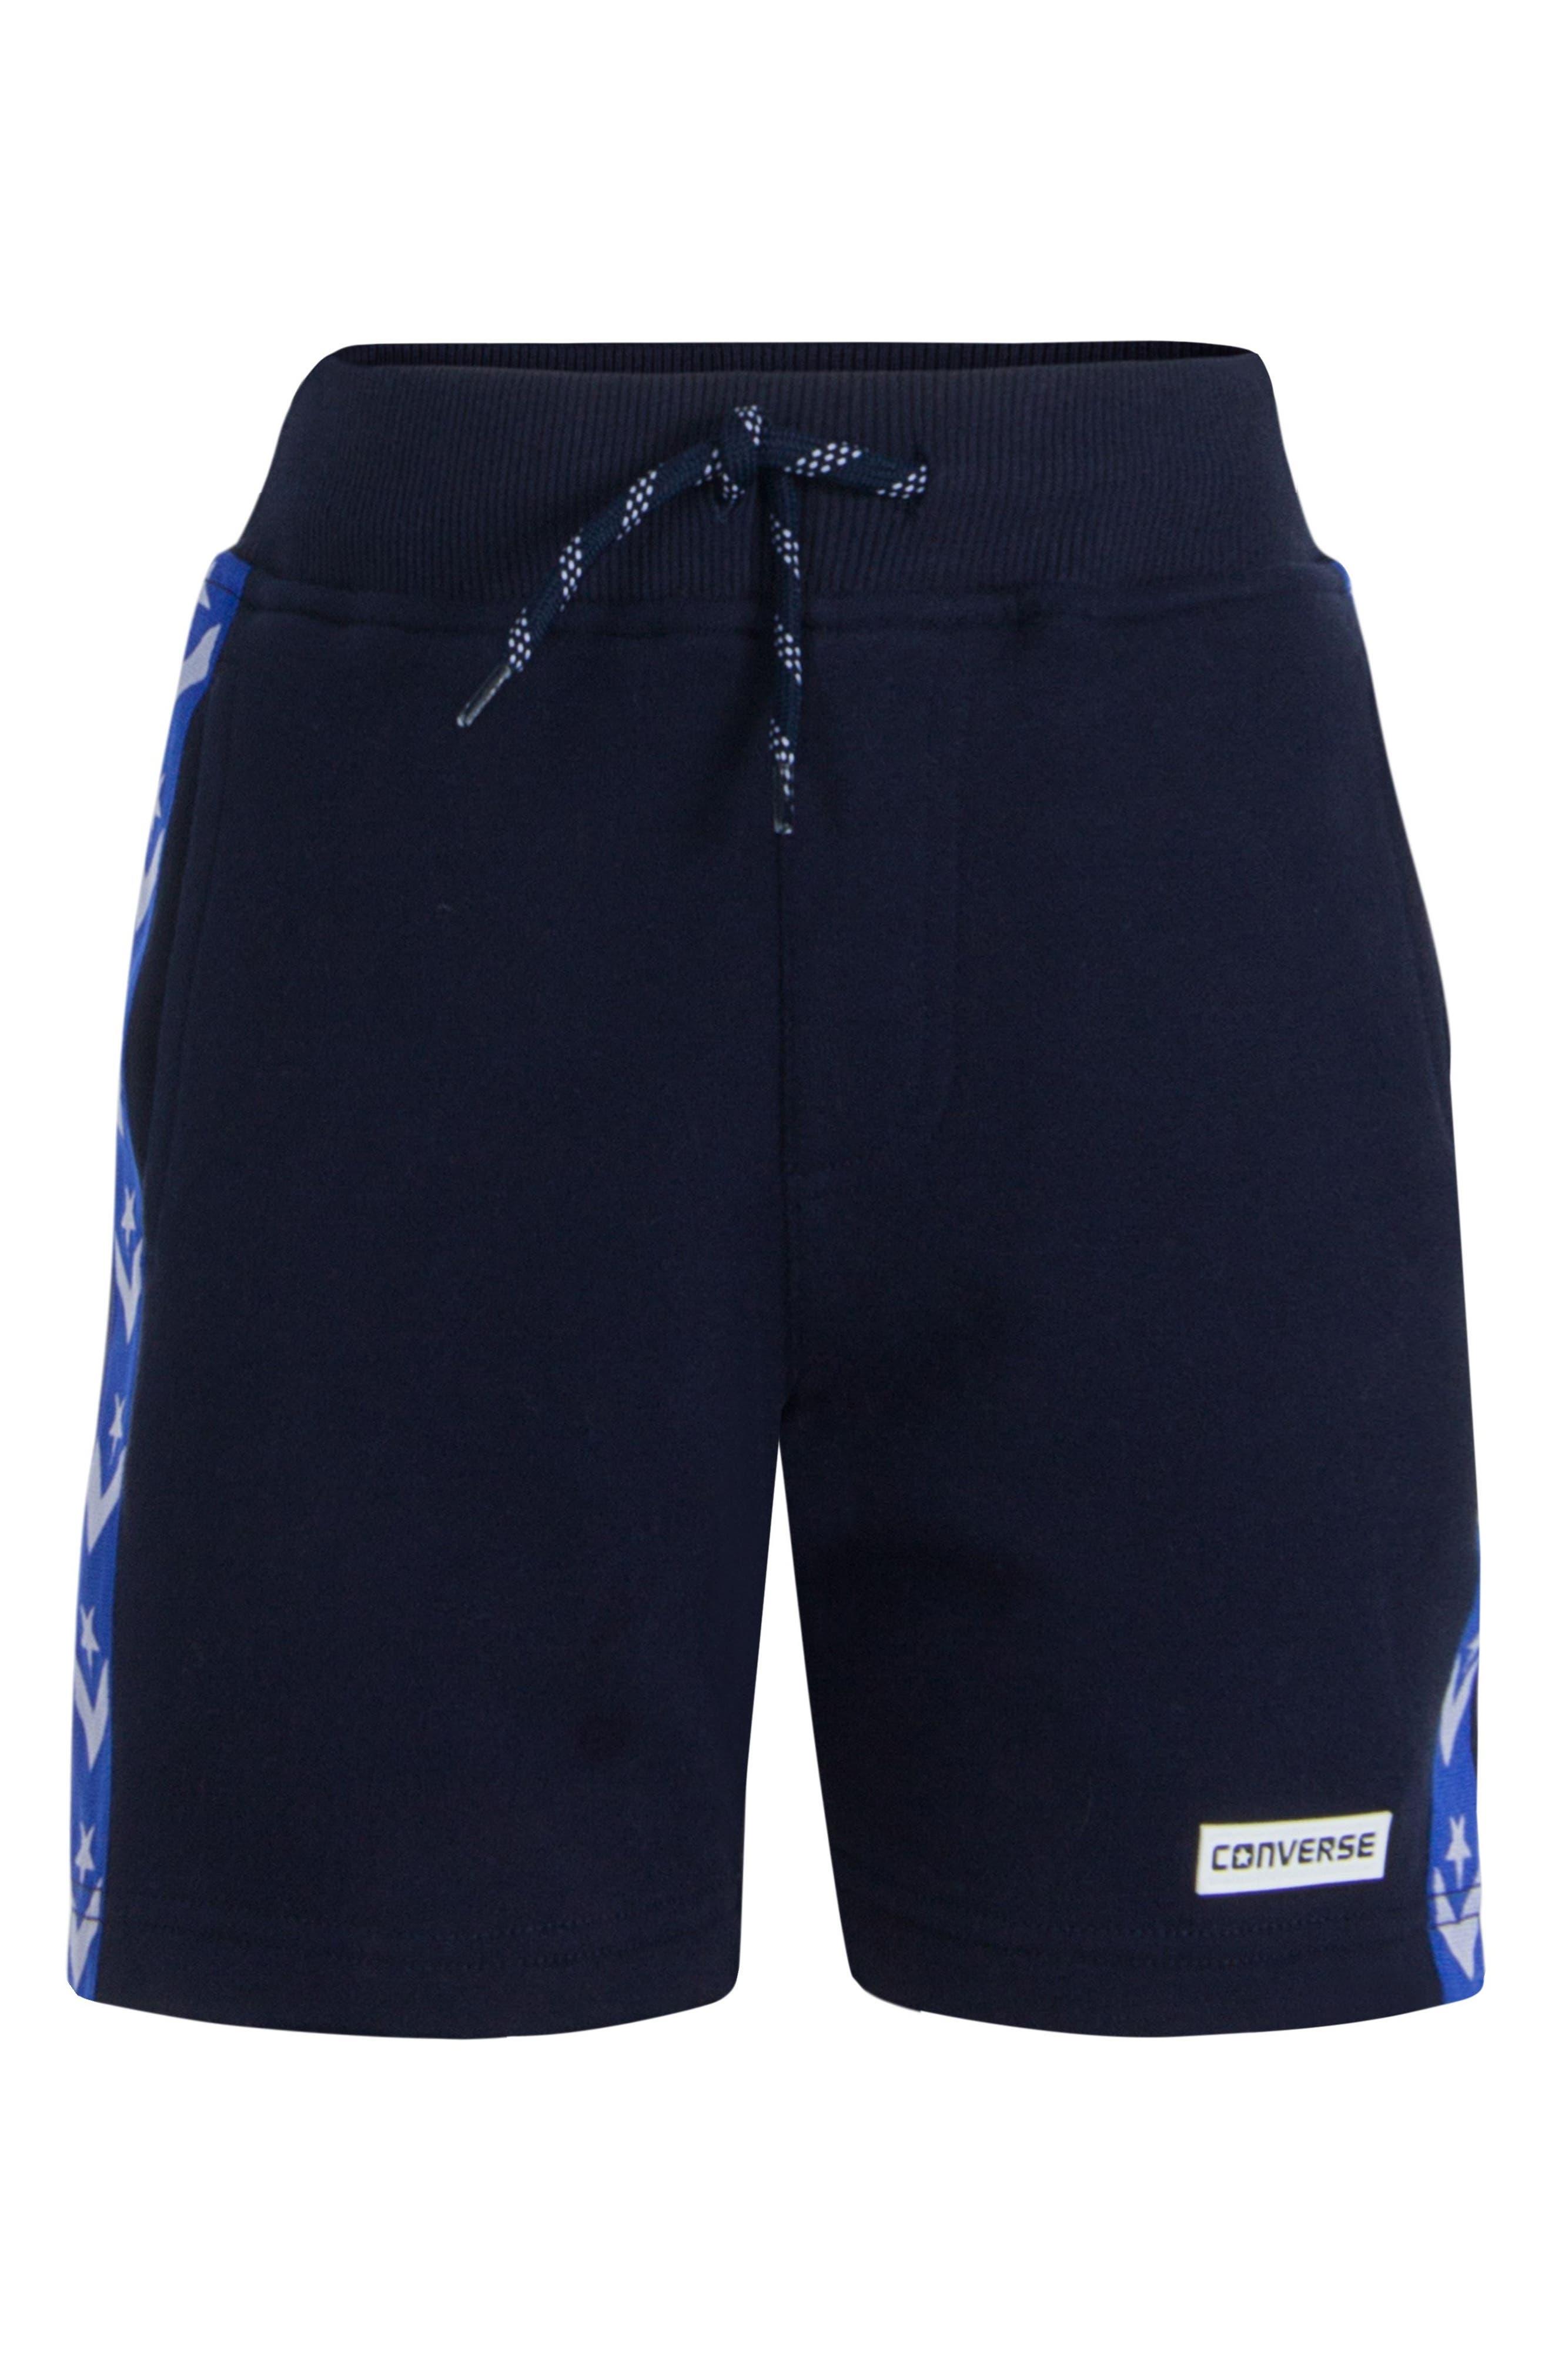 Star Knit Shorts,                             Main thumbnail 1, color,                             418